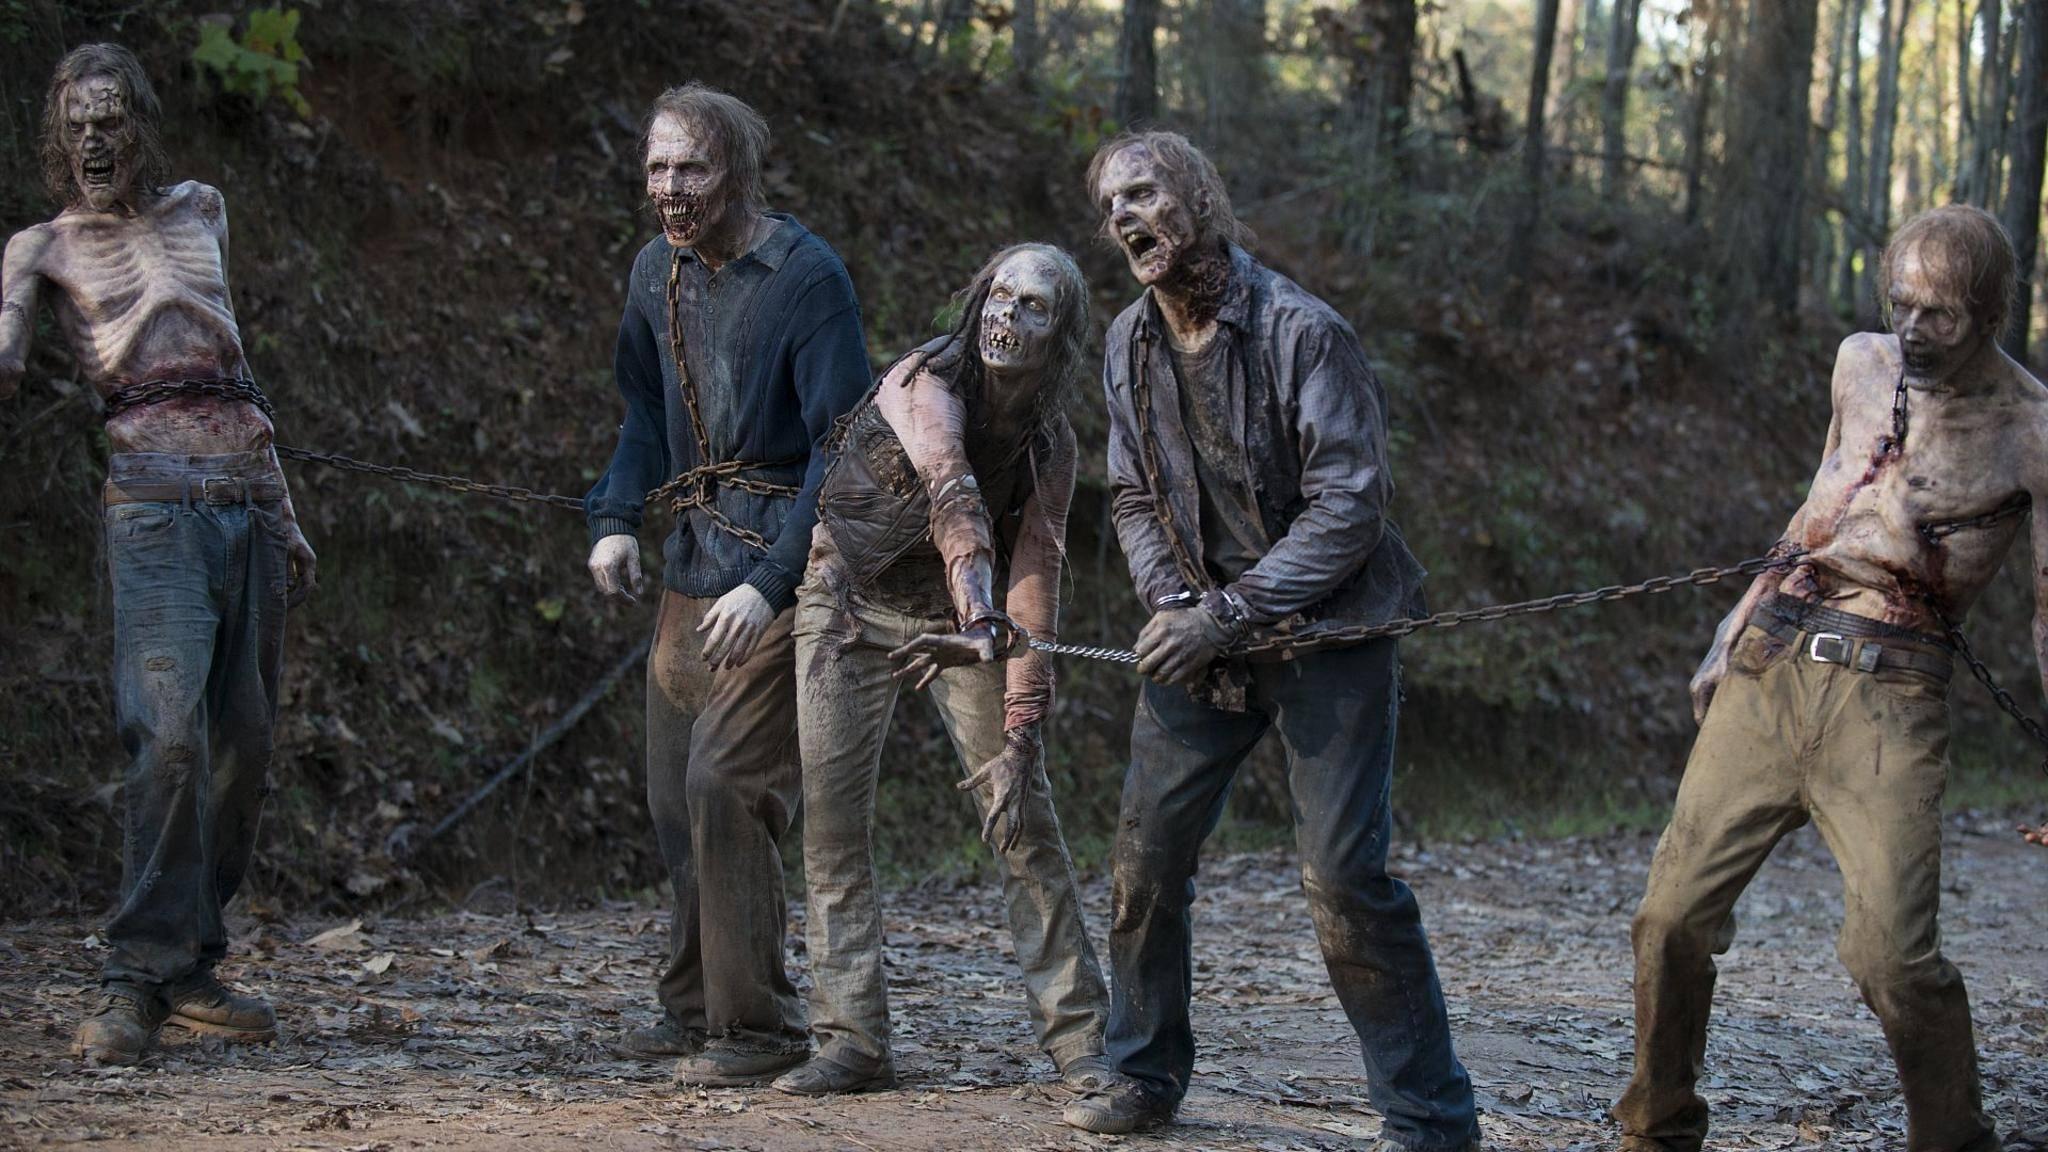 Für alle, die im Alltag sowieso immer wie Zombies herumschlurfen, heißt es am Welt-Zombie-Tag: weitermachen!